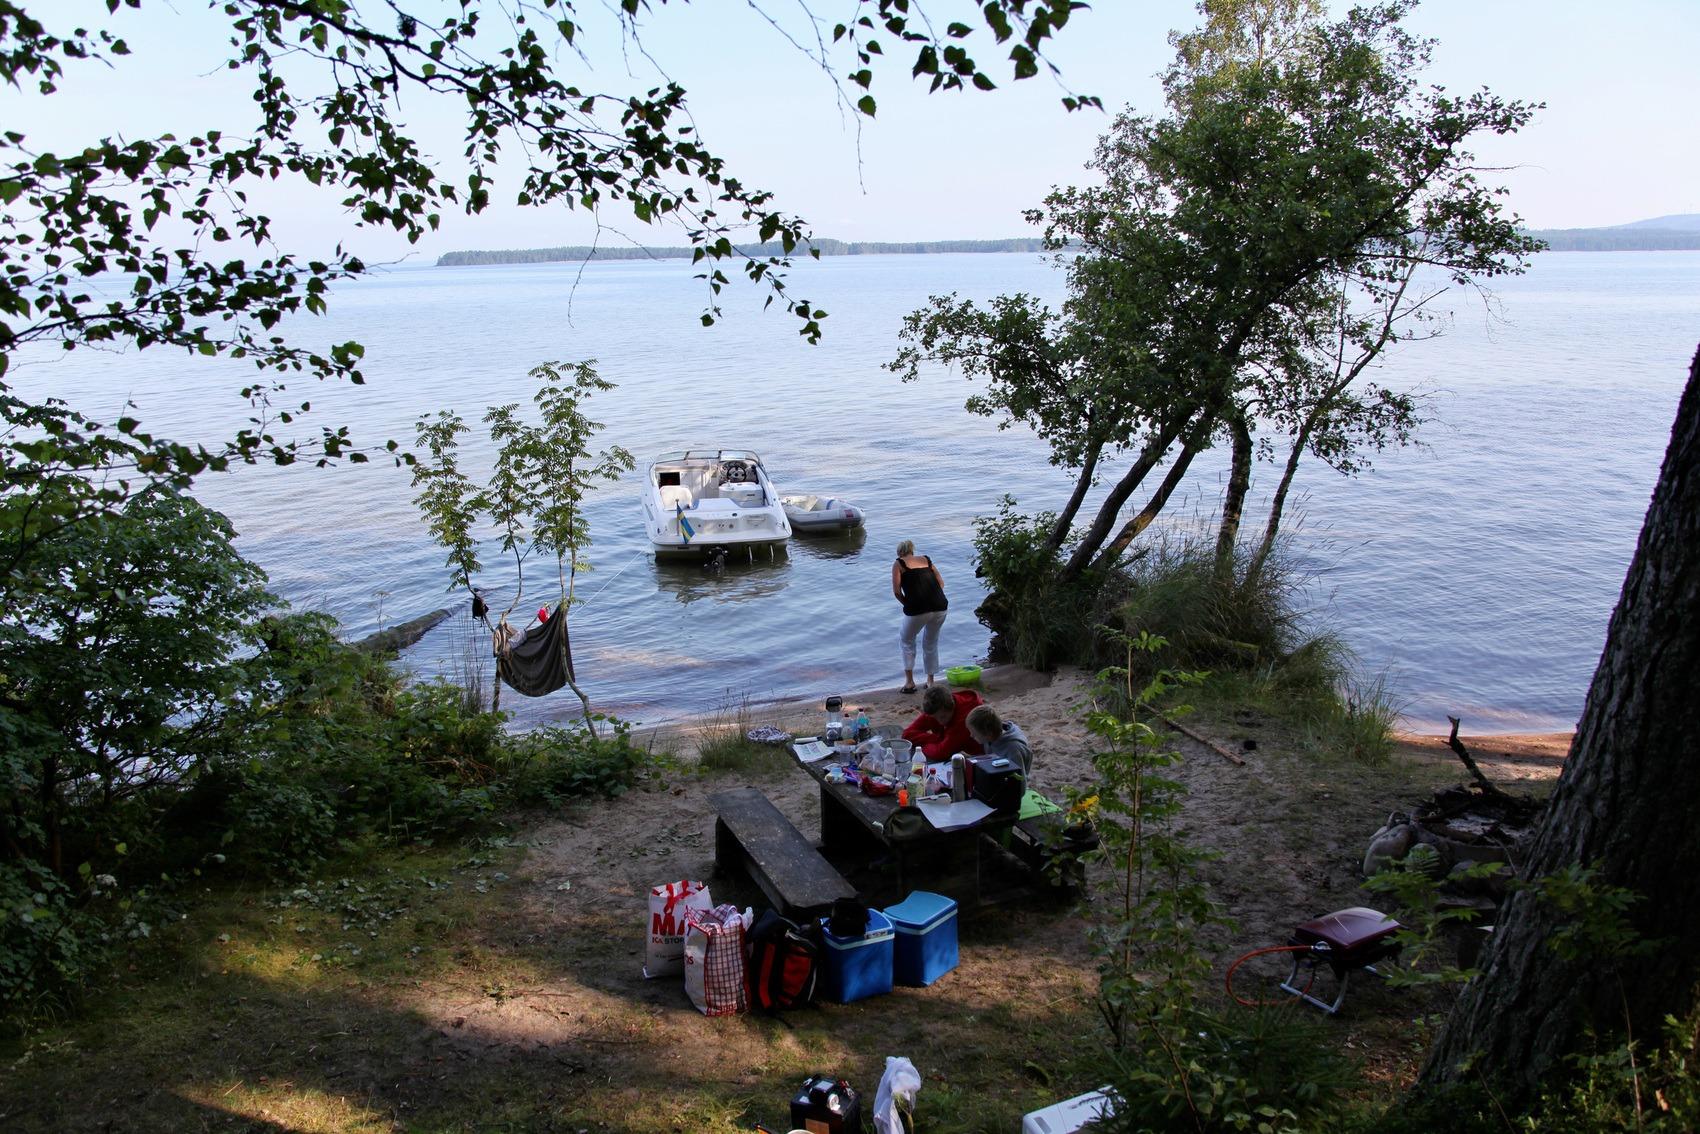 Strand där familj har slagit läger. Packning står på stranden och i vattnet lig